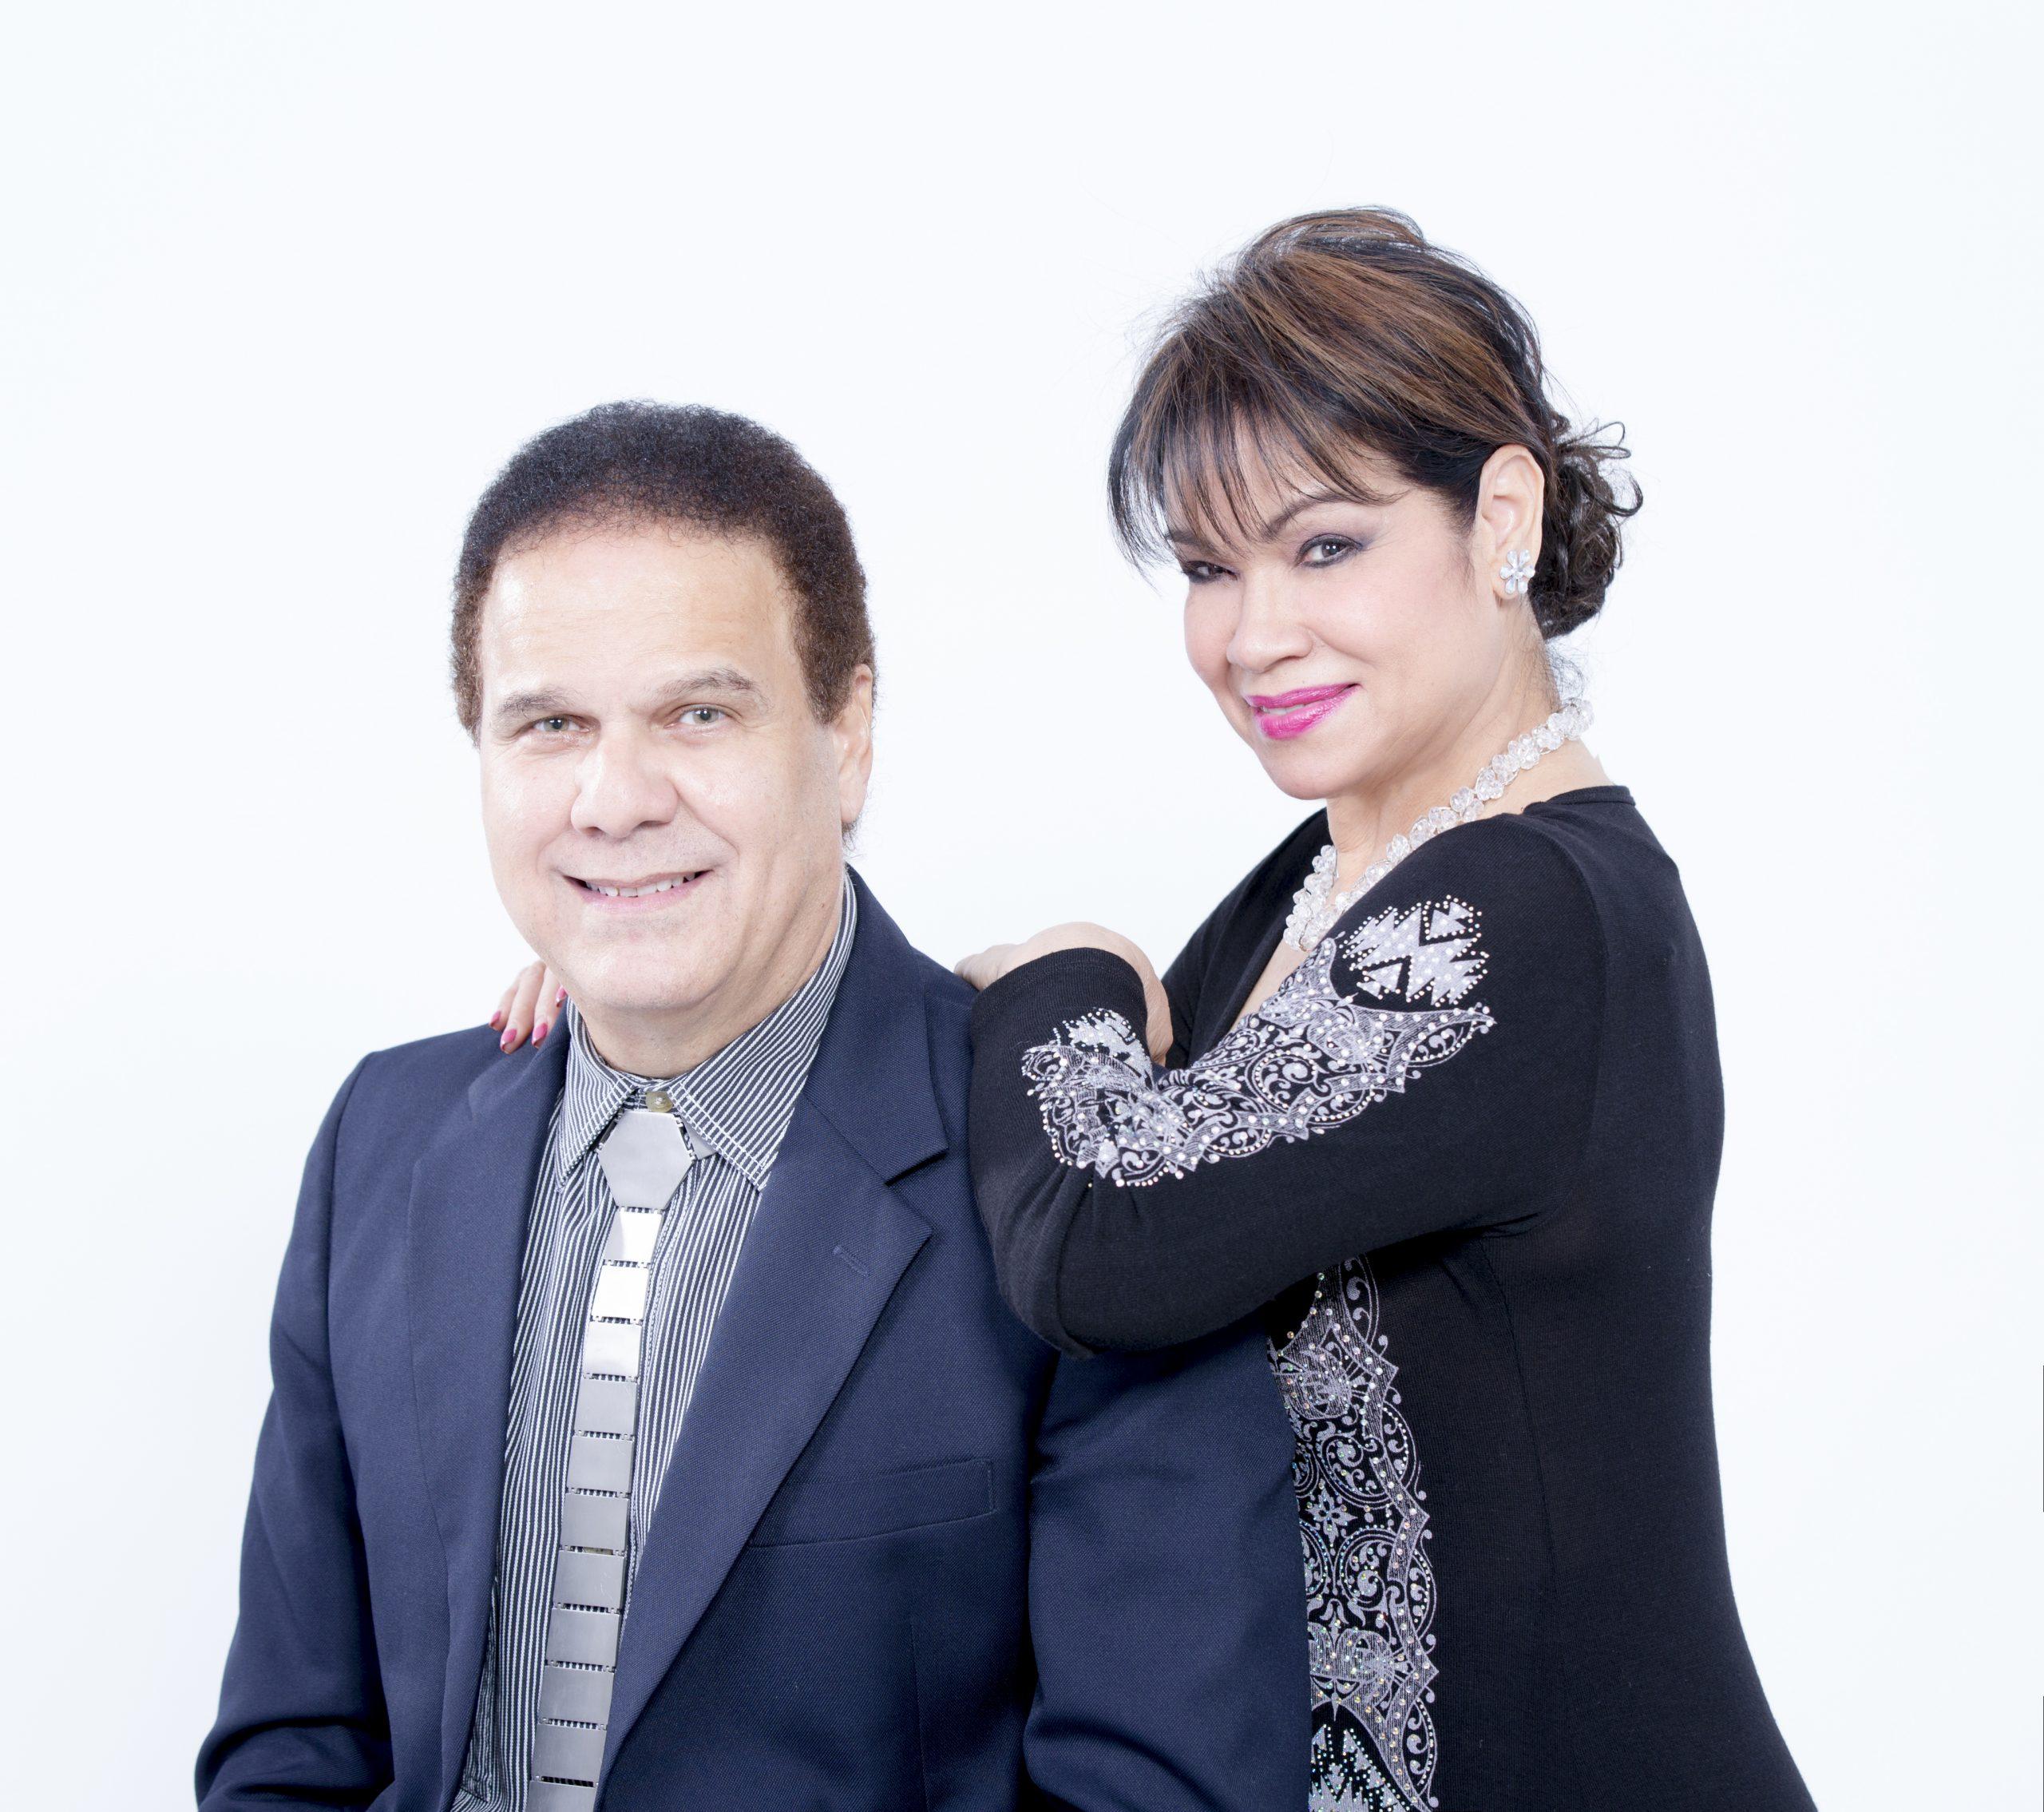 La cantante acaba de celebrar sus 37 años de unión con Javish Victoria. (Foto suministrada)